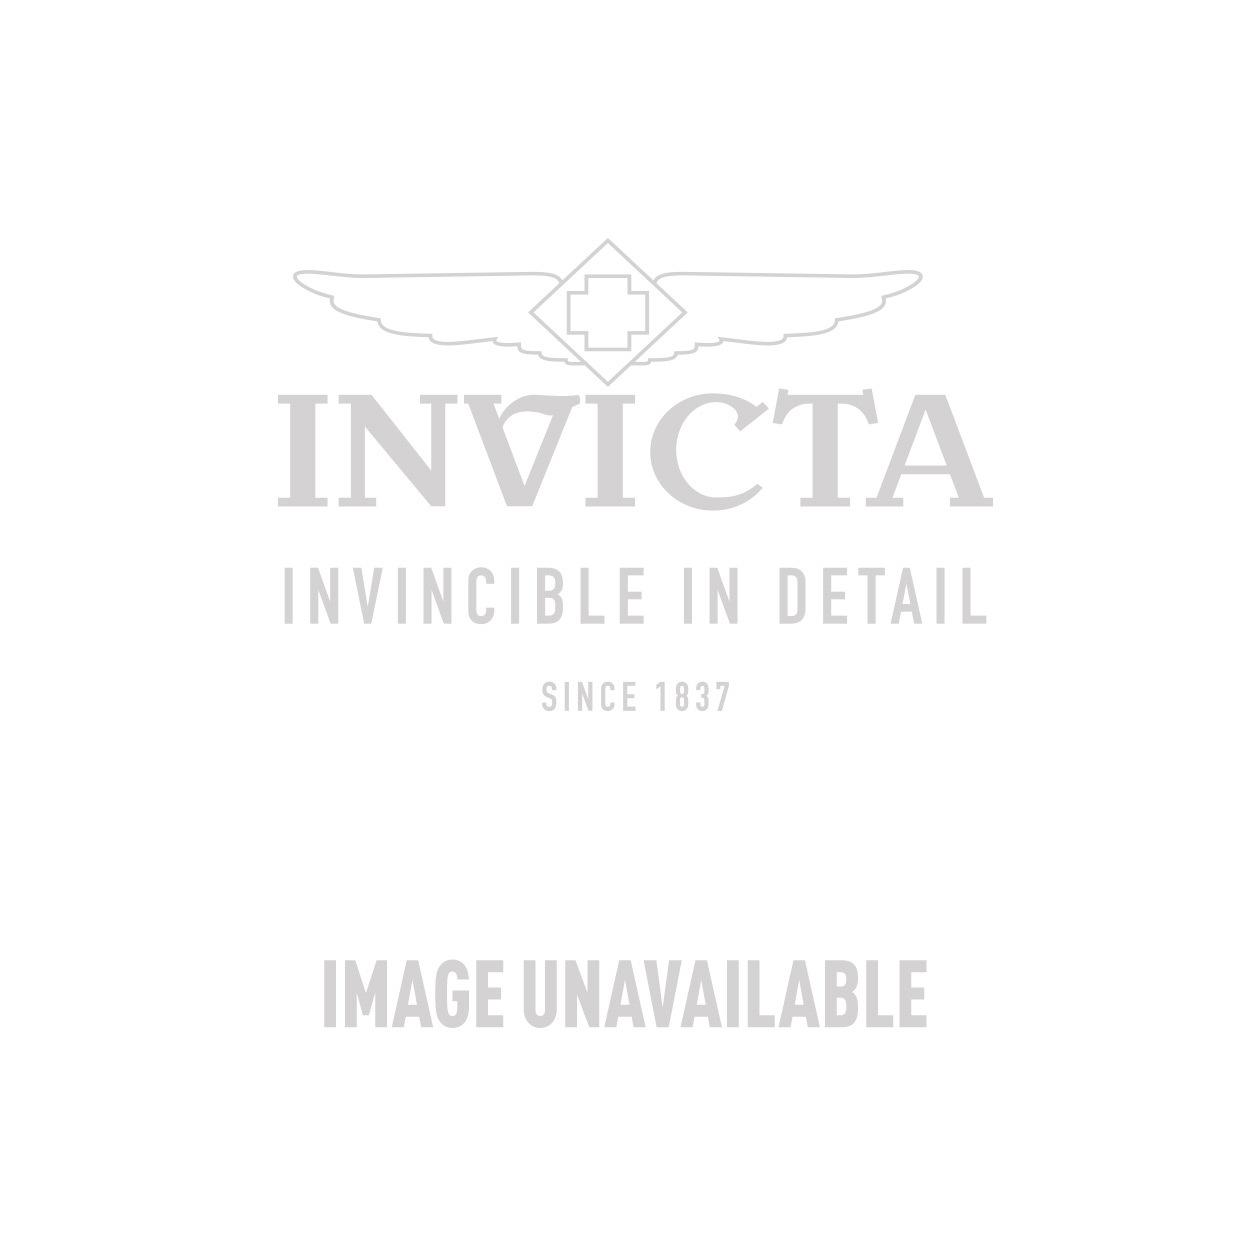 Invicta Model 24799